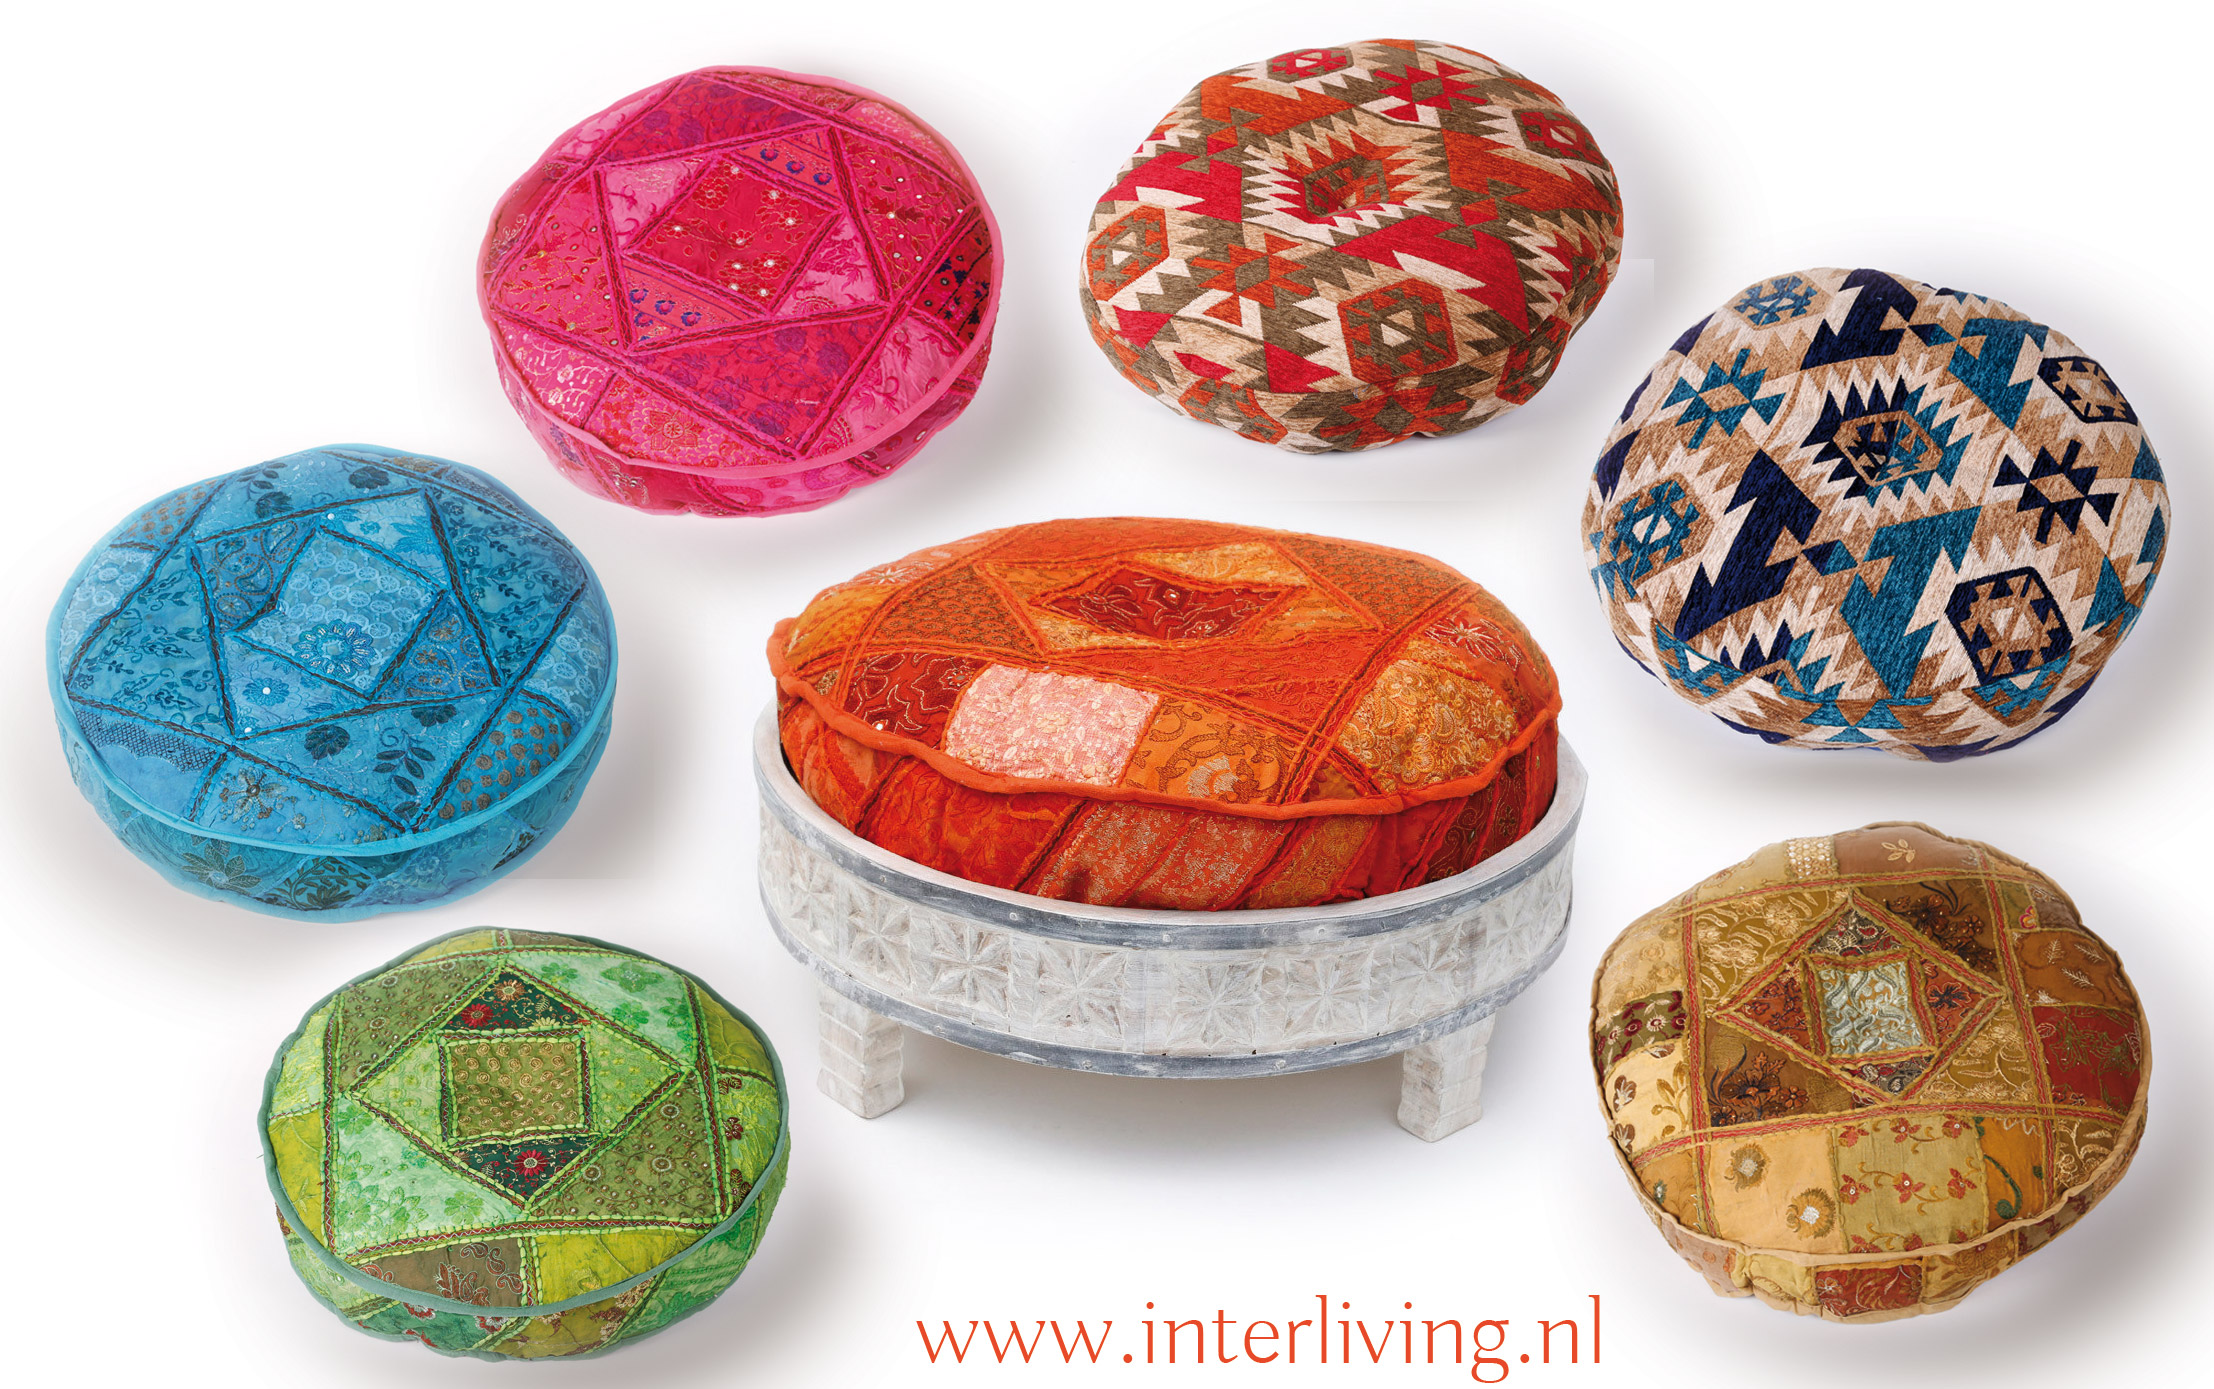 Hedendaags Indiase ronde matraskussens, meditatiekussens, voor op de chakki tafel WX-11